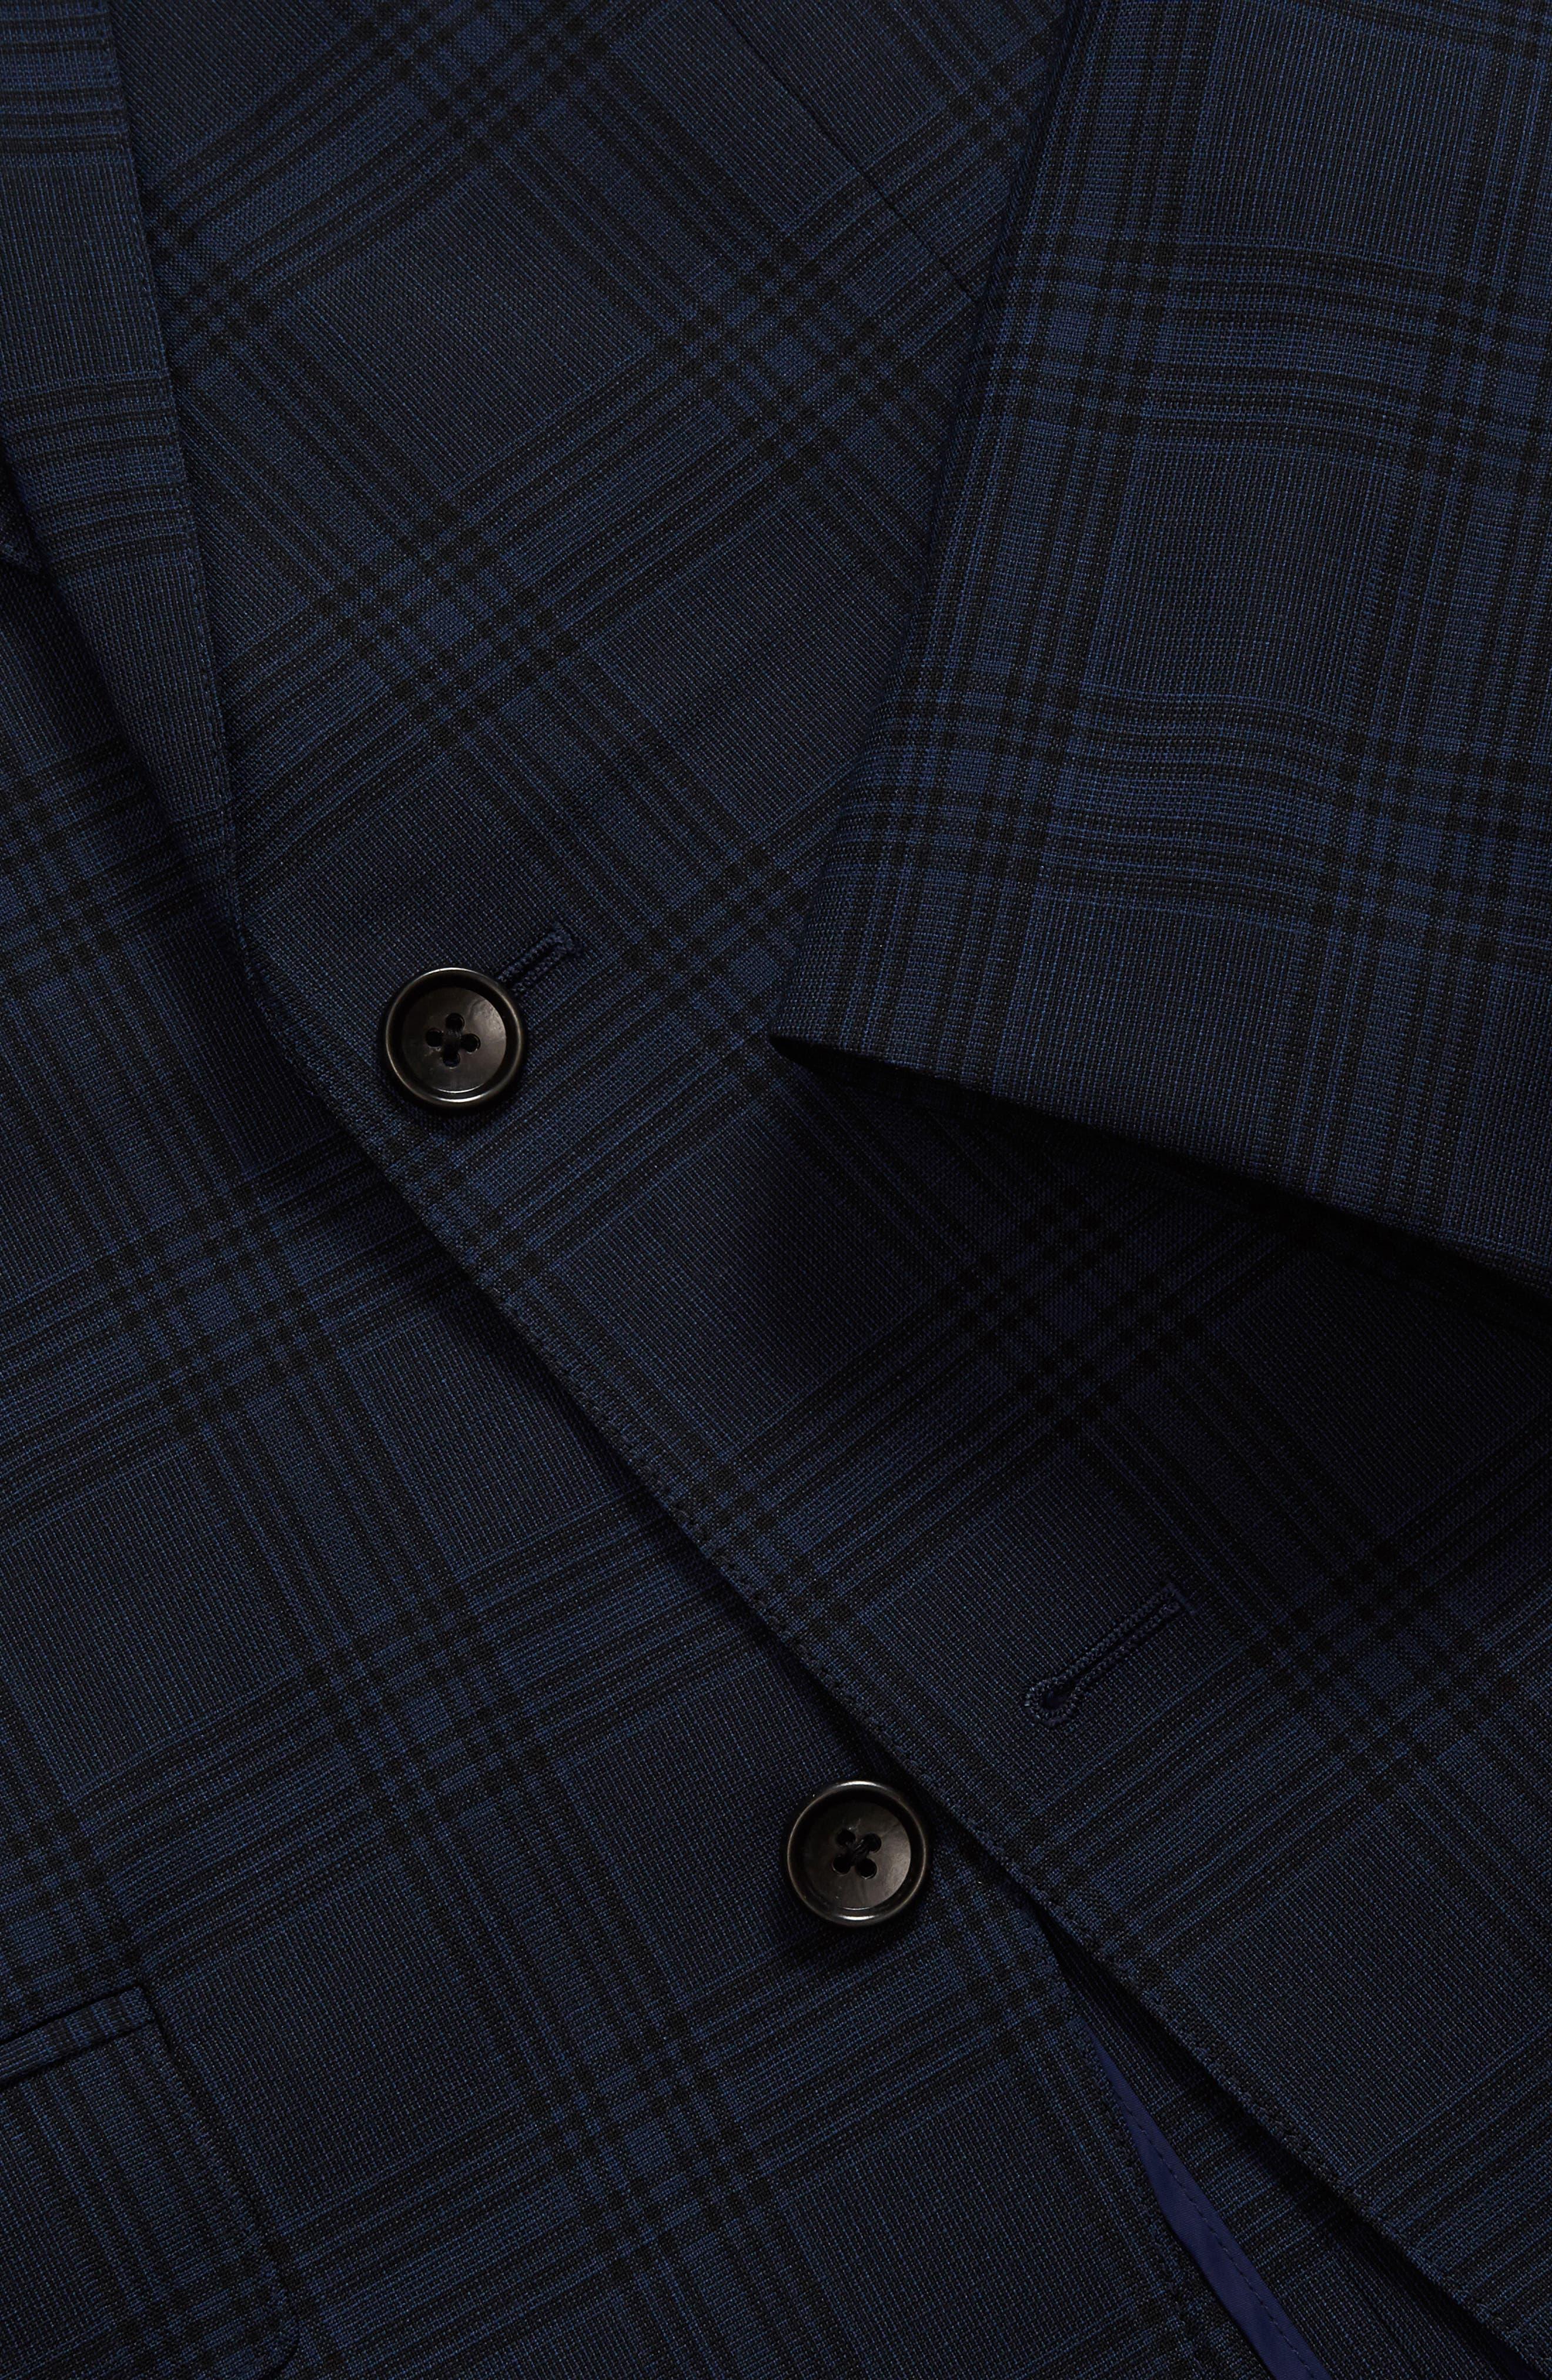 Jetsetter Trim Fit Stretch Plaid Wool Blend Suit Jacket,                             Alternate thumbnail 3, color,                             Navy Plaid